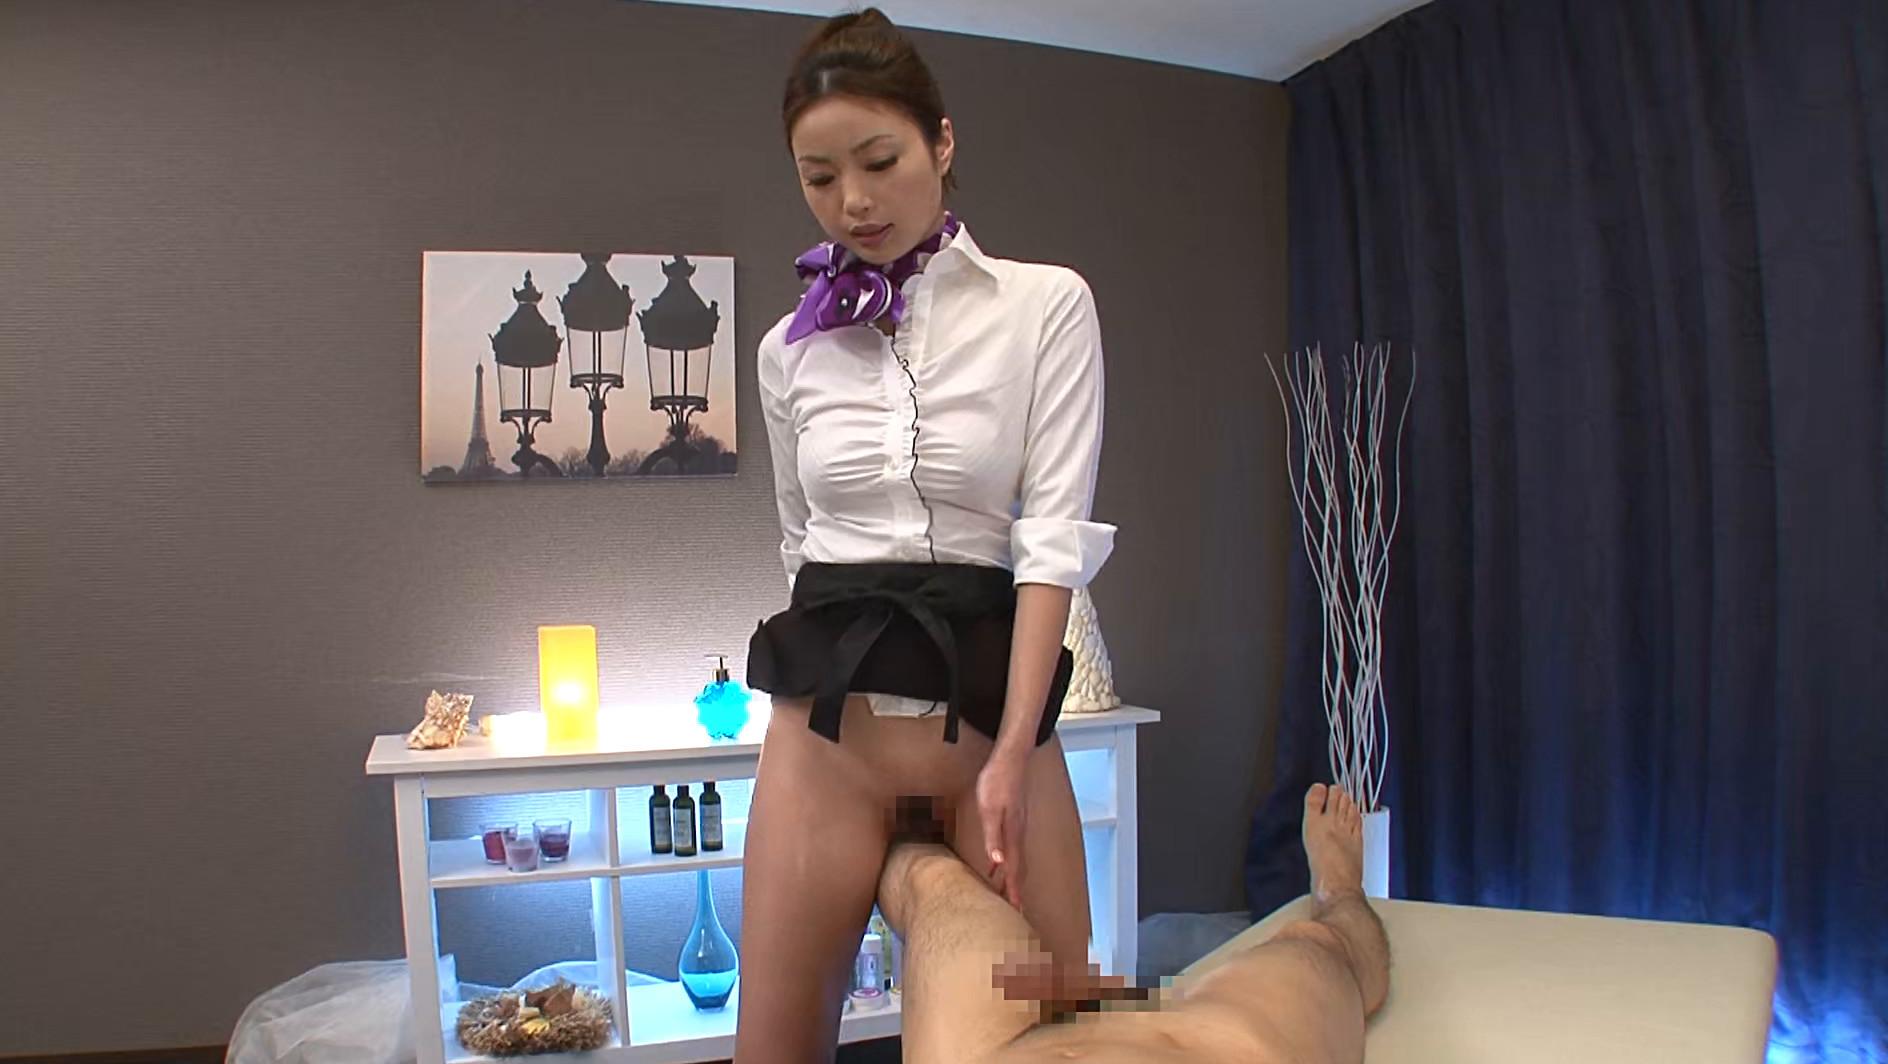 どこを施術する時も必ず乳首に寄り道する弄りがしつこいメンズエステ かすみりさ 画像5